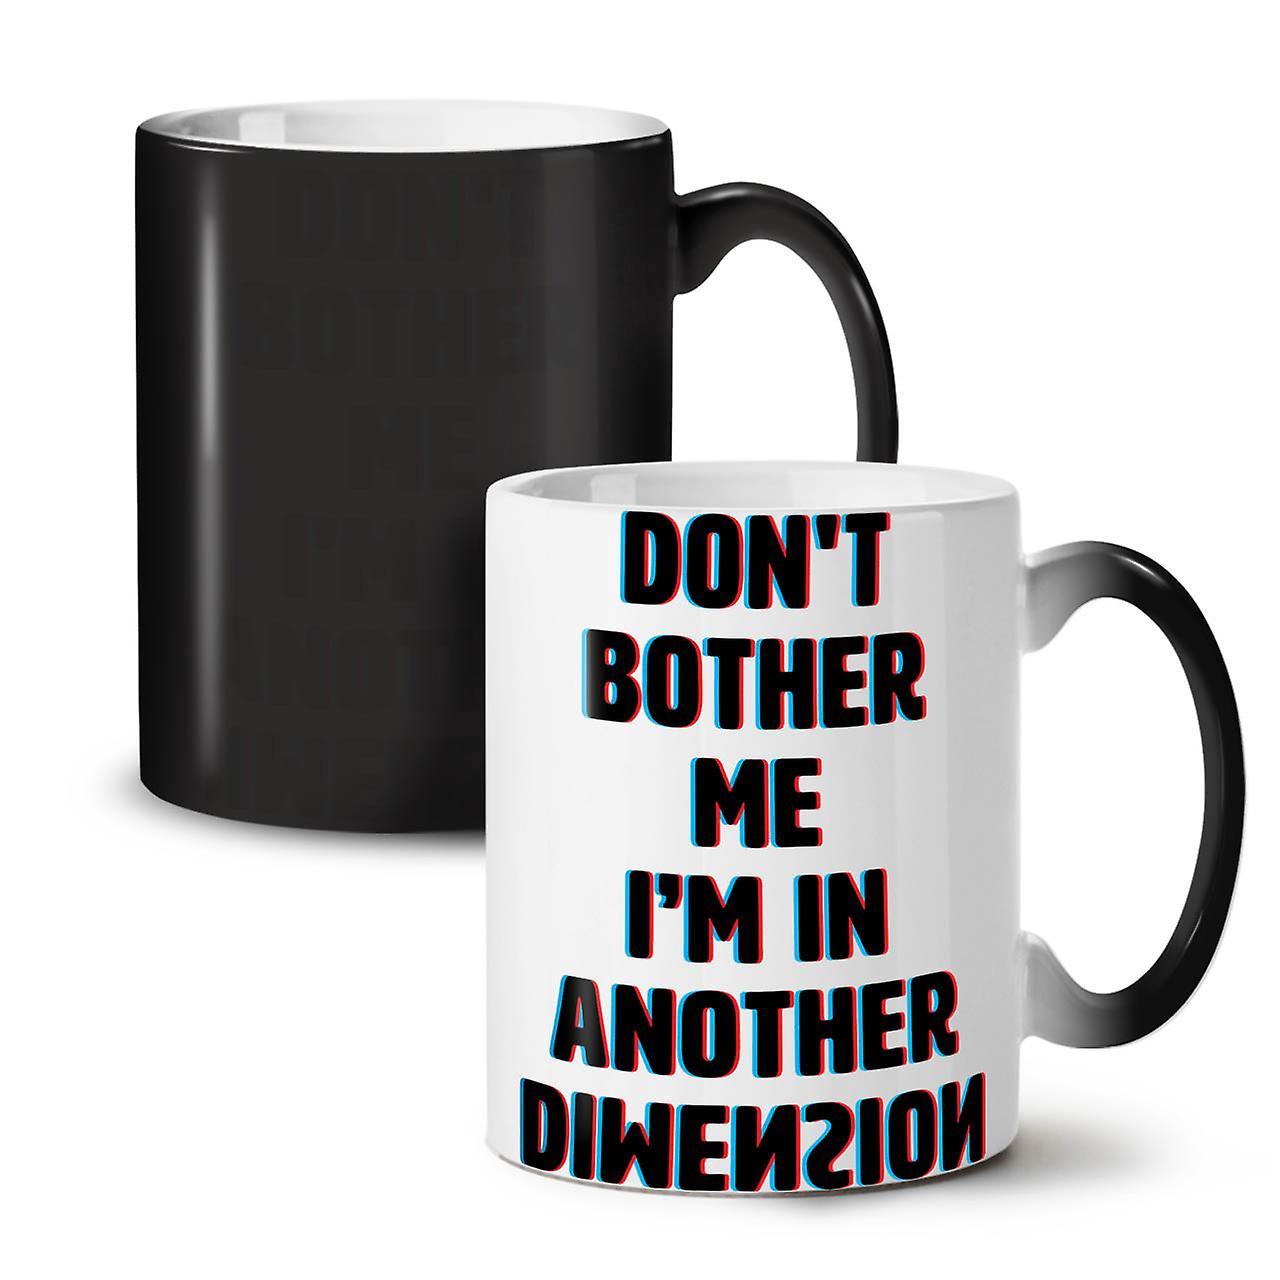 Changeant Une Nouvelle Autre Dimension Couleur Thé Céramique 11 Drôle Noir Café Tasse OzWellcoda hdrCxtsQ